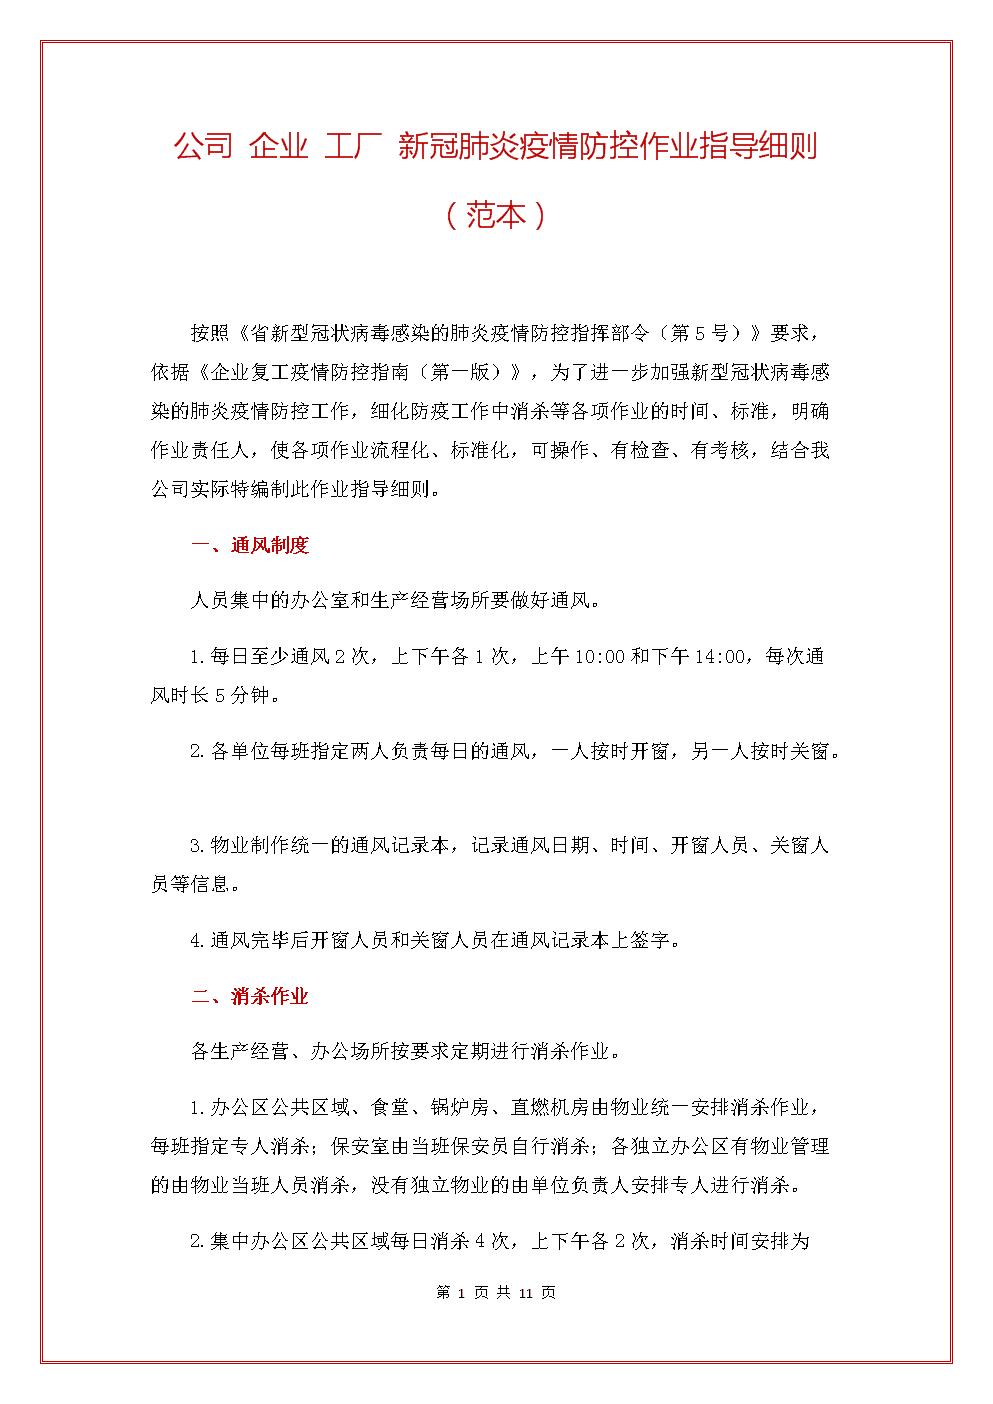 公司 企业 新冠肺炎疫情防控作业指导细则(范本).docx